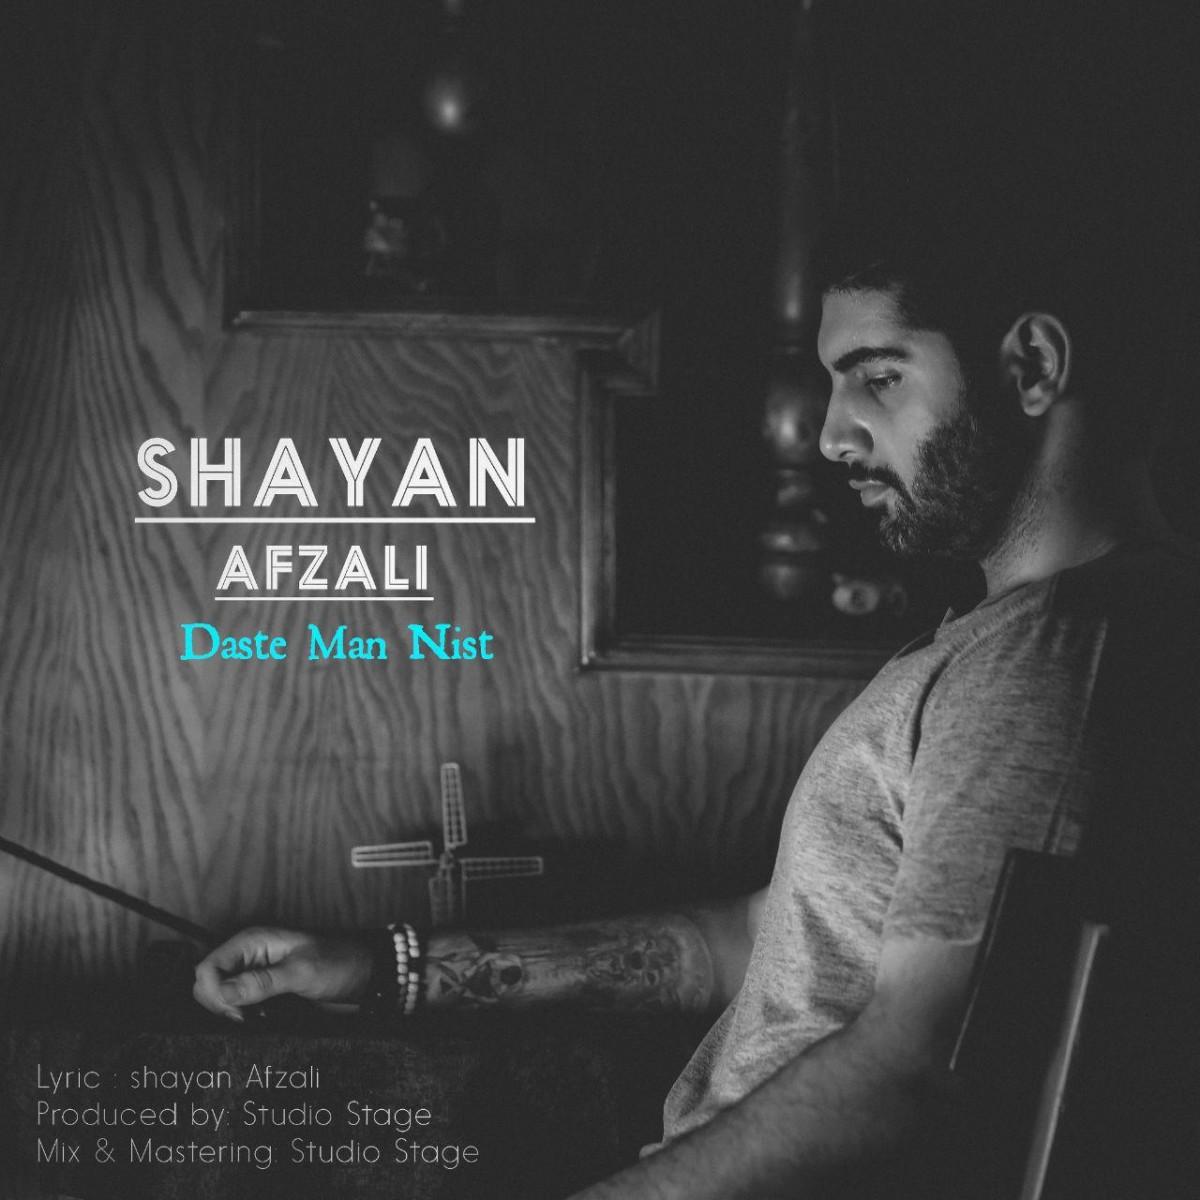 نامبر وان موزیک | دانلود آهنگ جدید Shayan-Afzali-Daste-Man-Nist-